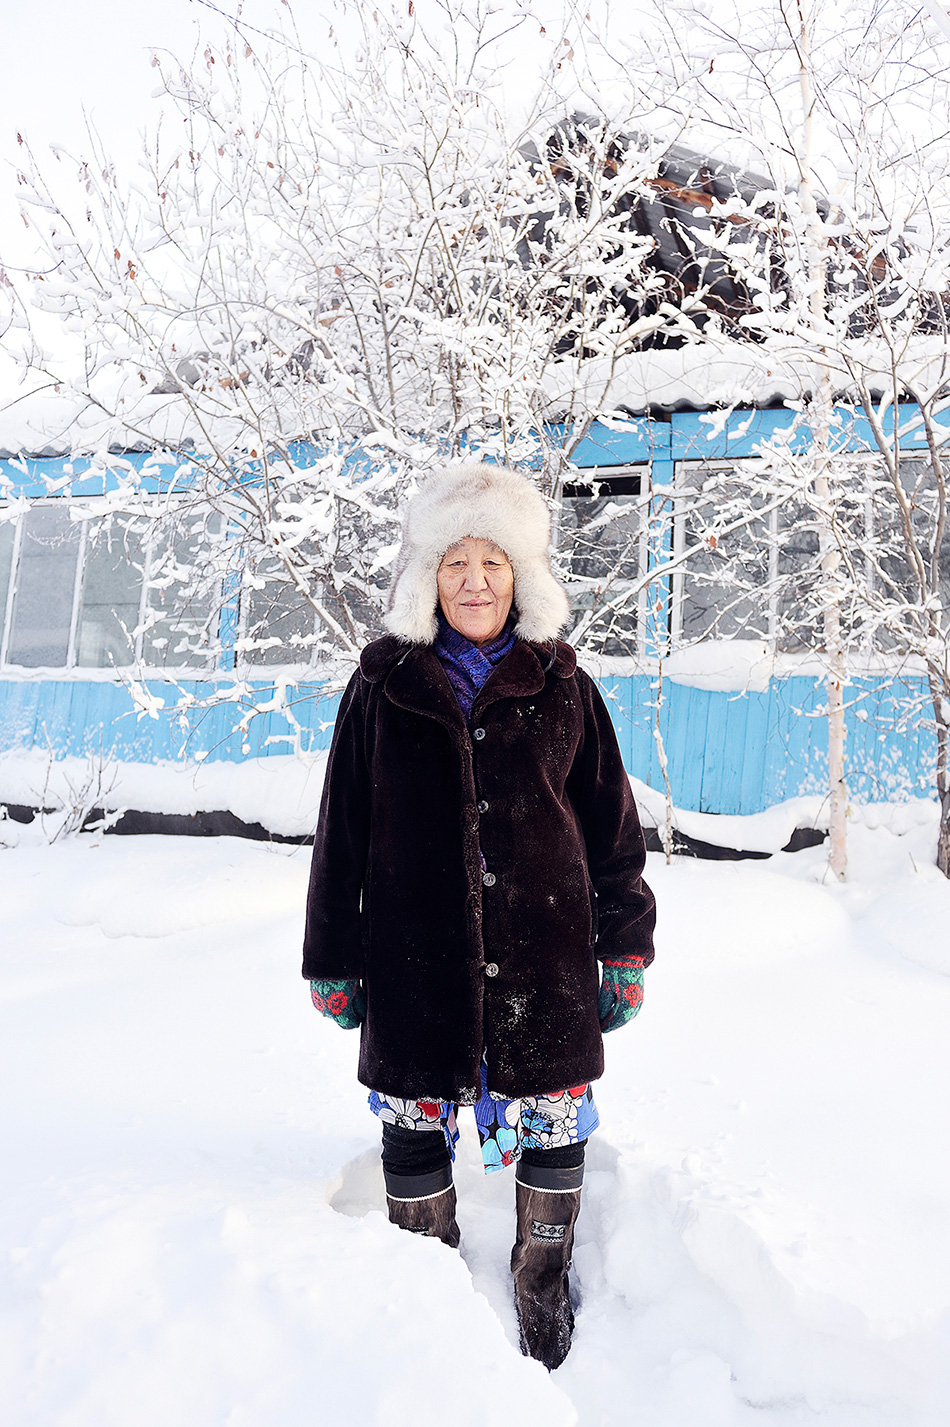 « En hiver, tous les matins, nous allumions la radio pour écouter la météo. Le meilleur moment, c'était quand l'école était annulée pour les jeunes enfants à cause du froid. Cela arrivait assez souvent ».